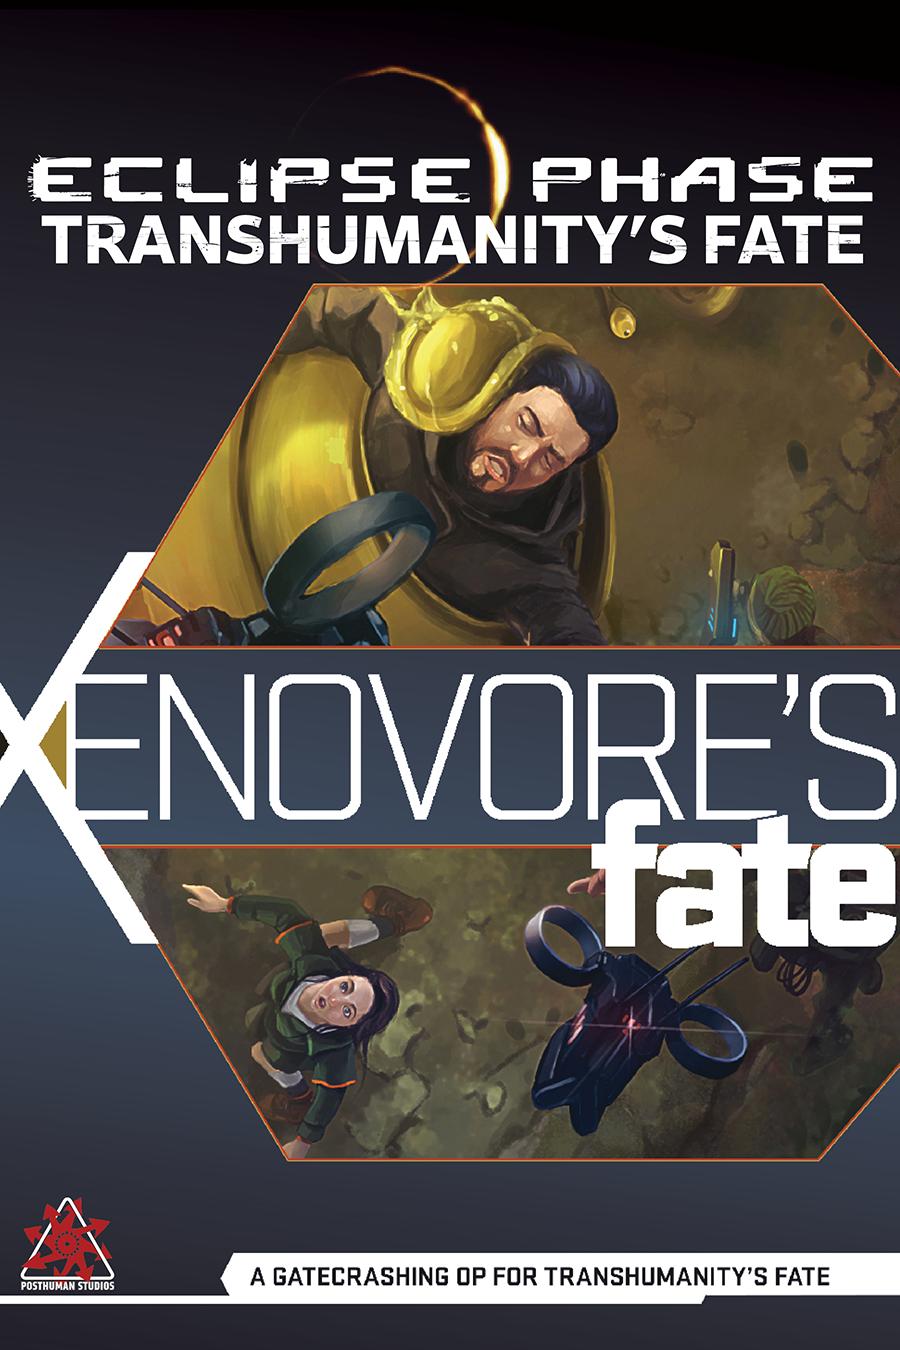 Xenovore's Fate cover